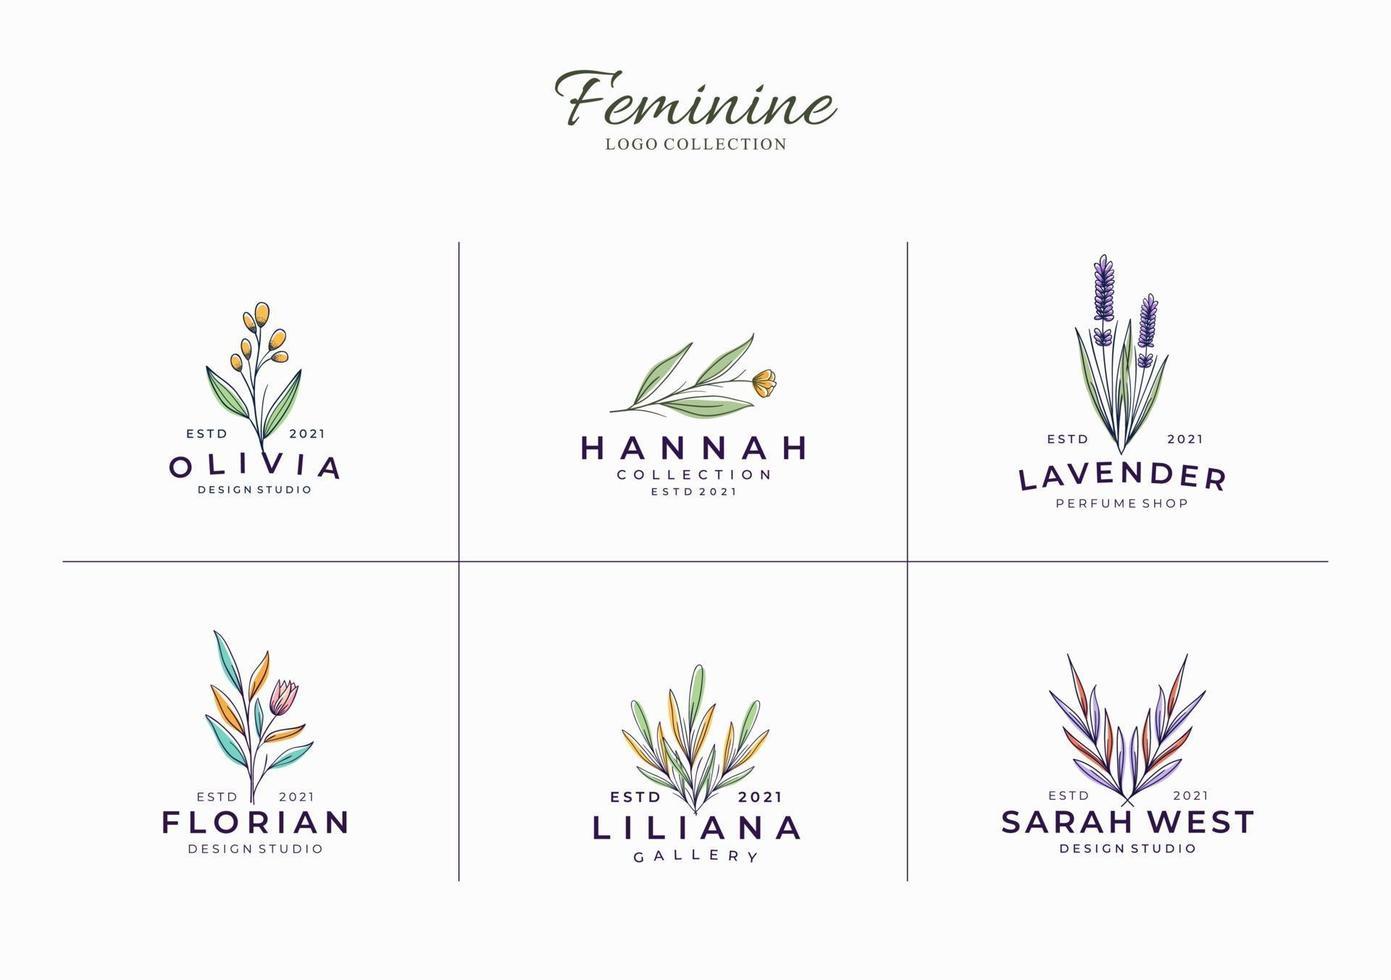 conjunto de modelo de logotipo botânico feminino minimalista e bonito vetor